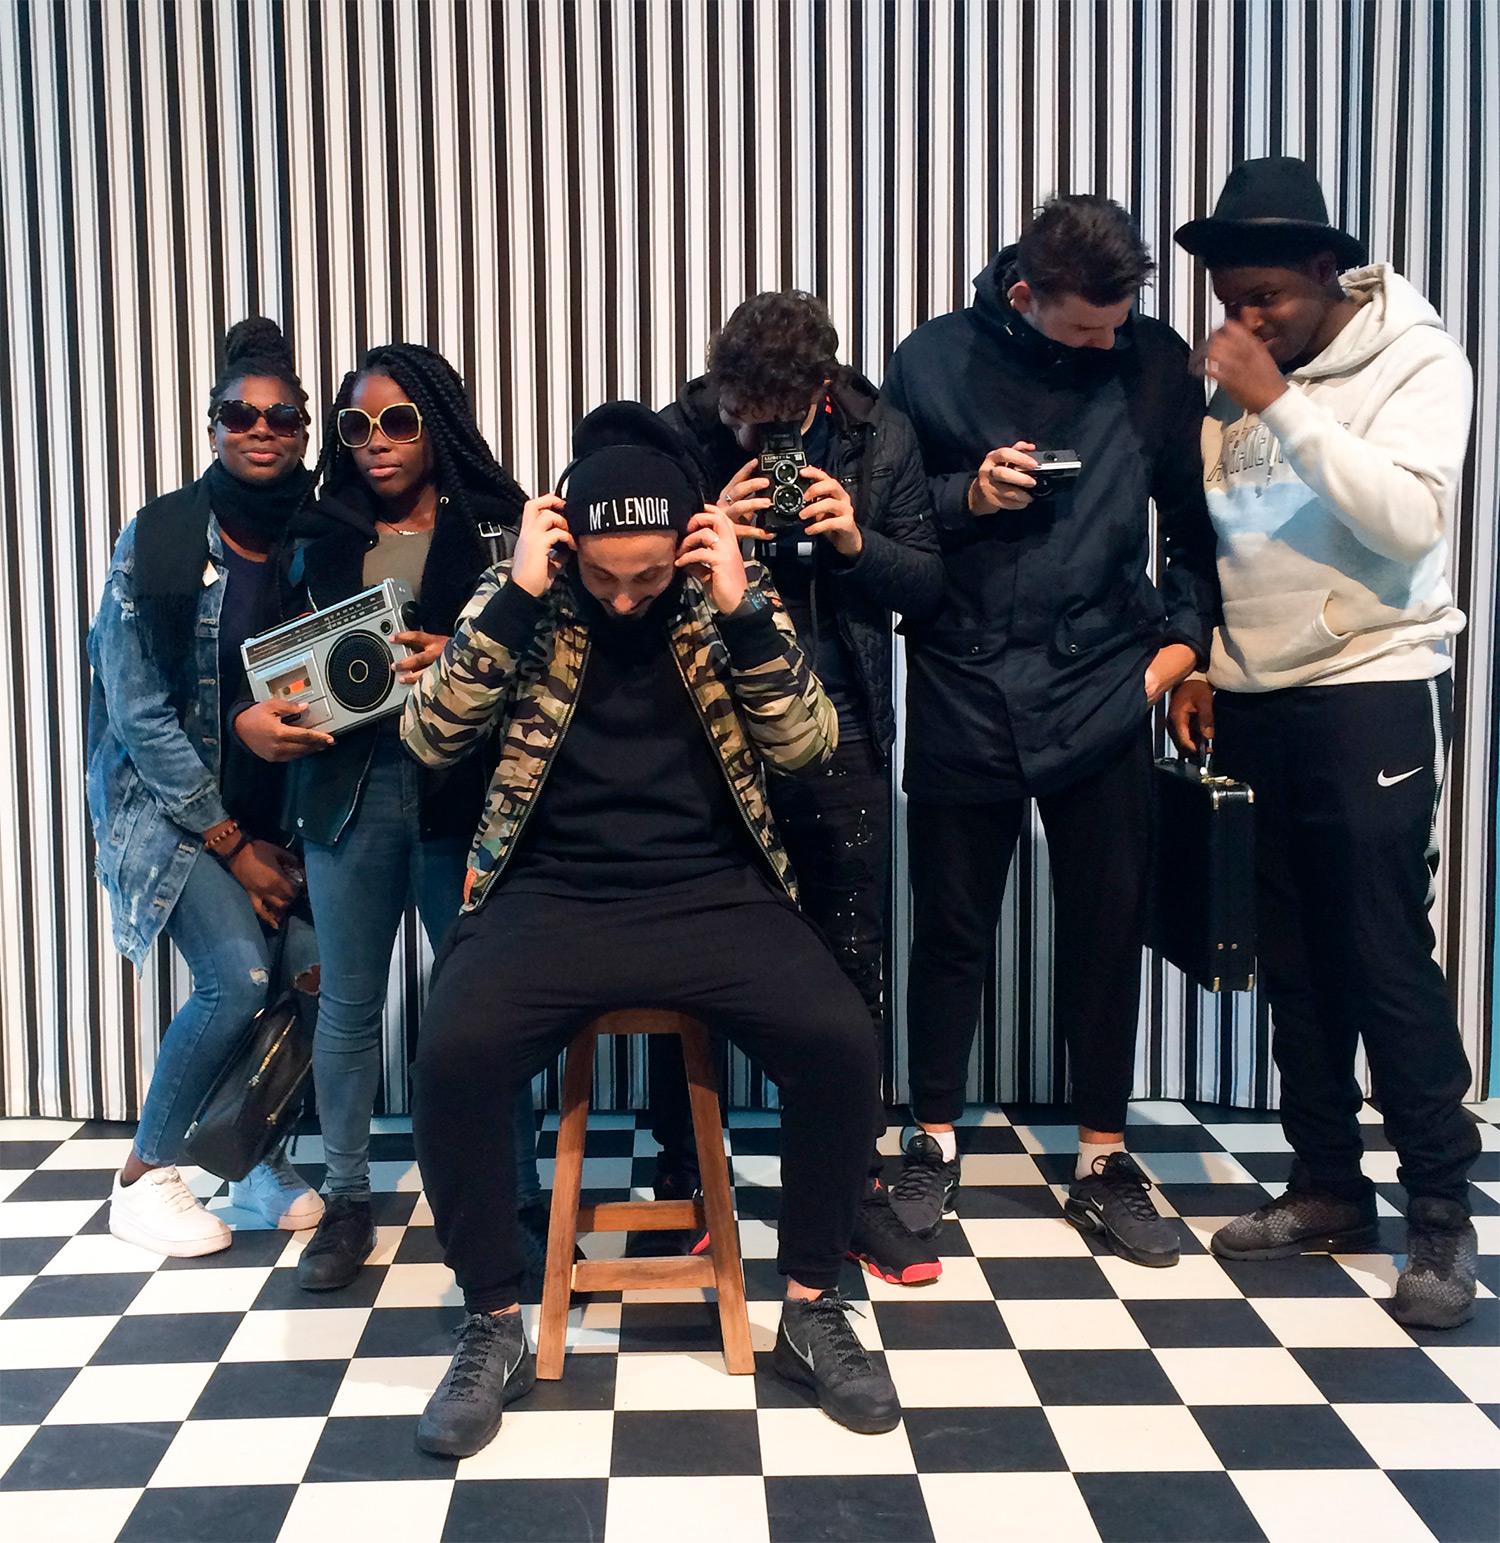 Visite de l'expo de Malick Sidibe à la Fondation Cartier avec les membres du centre social Ambroise-Croizat à Pierrefitte